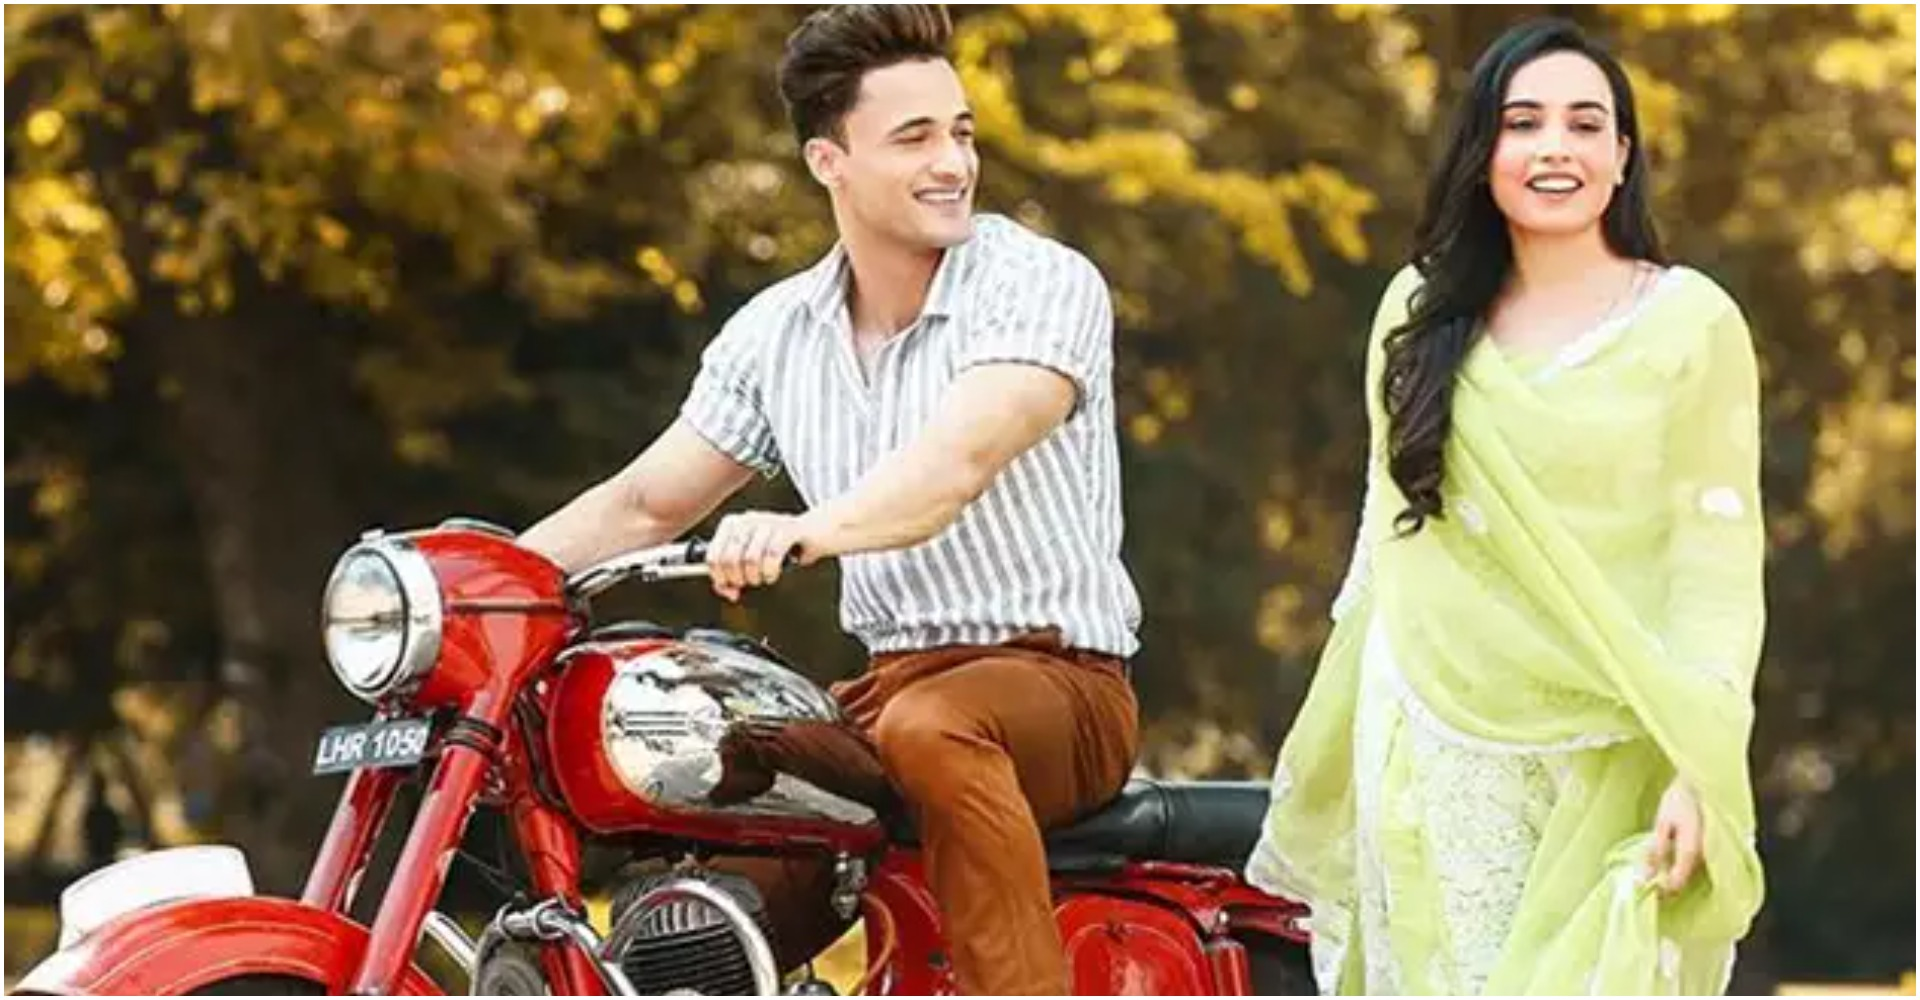 Teri Gali song: आसिम रियाज और बार्बी मान की अधूरी प्रेम कहानी दर्शाता है 'तेरी गली' गाना, देखें वीडियो